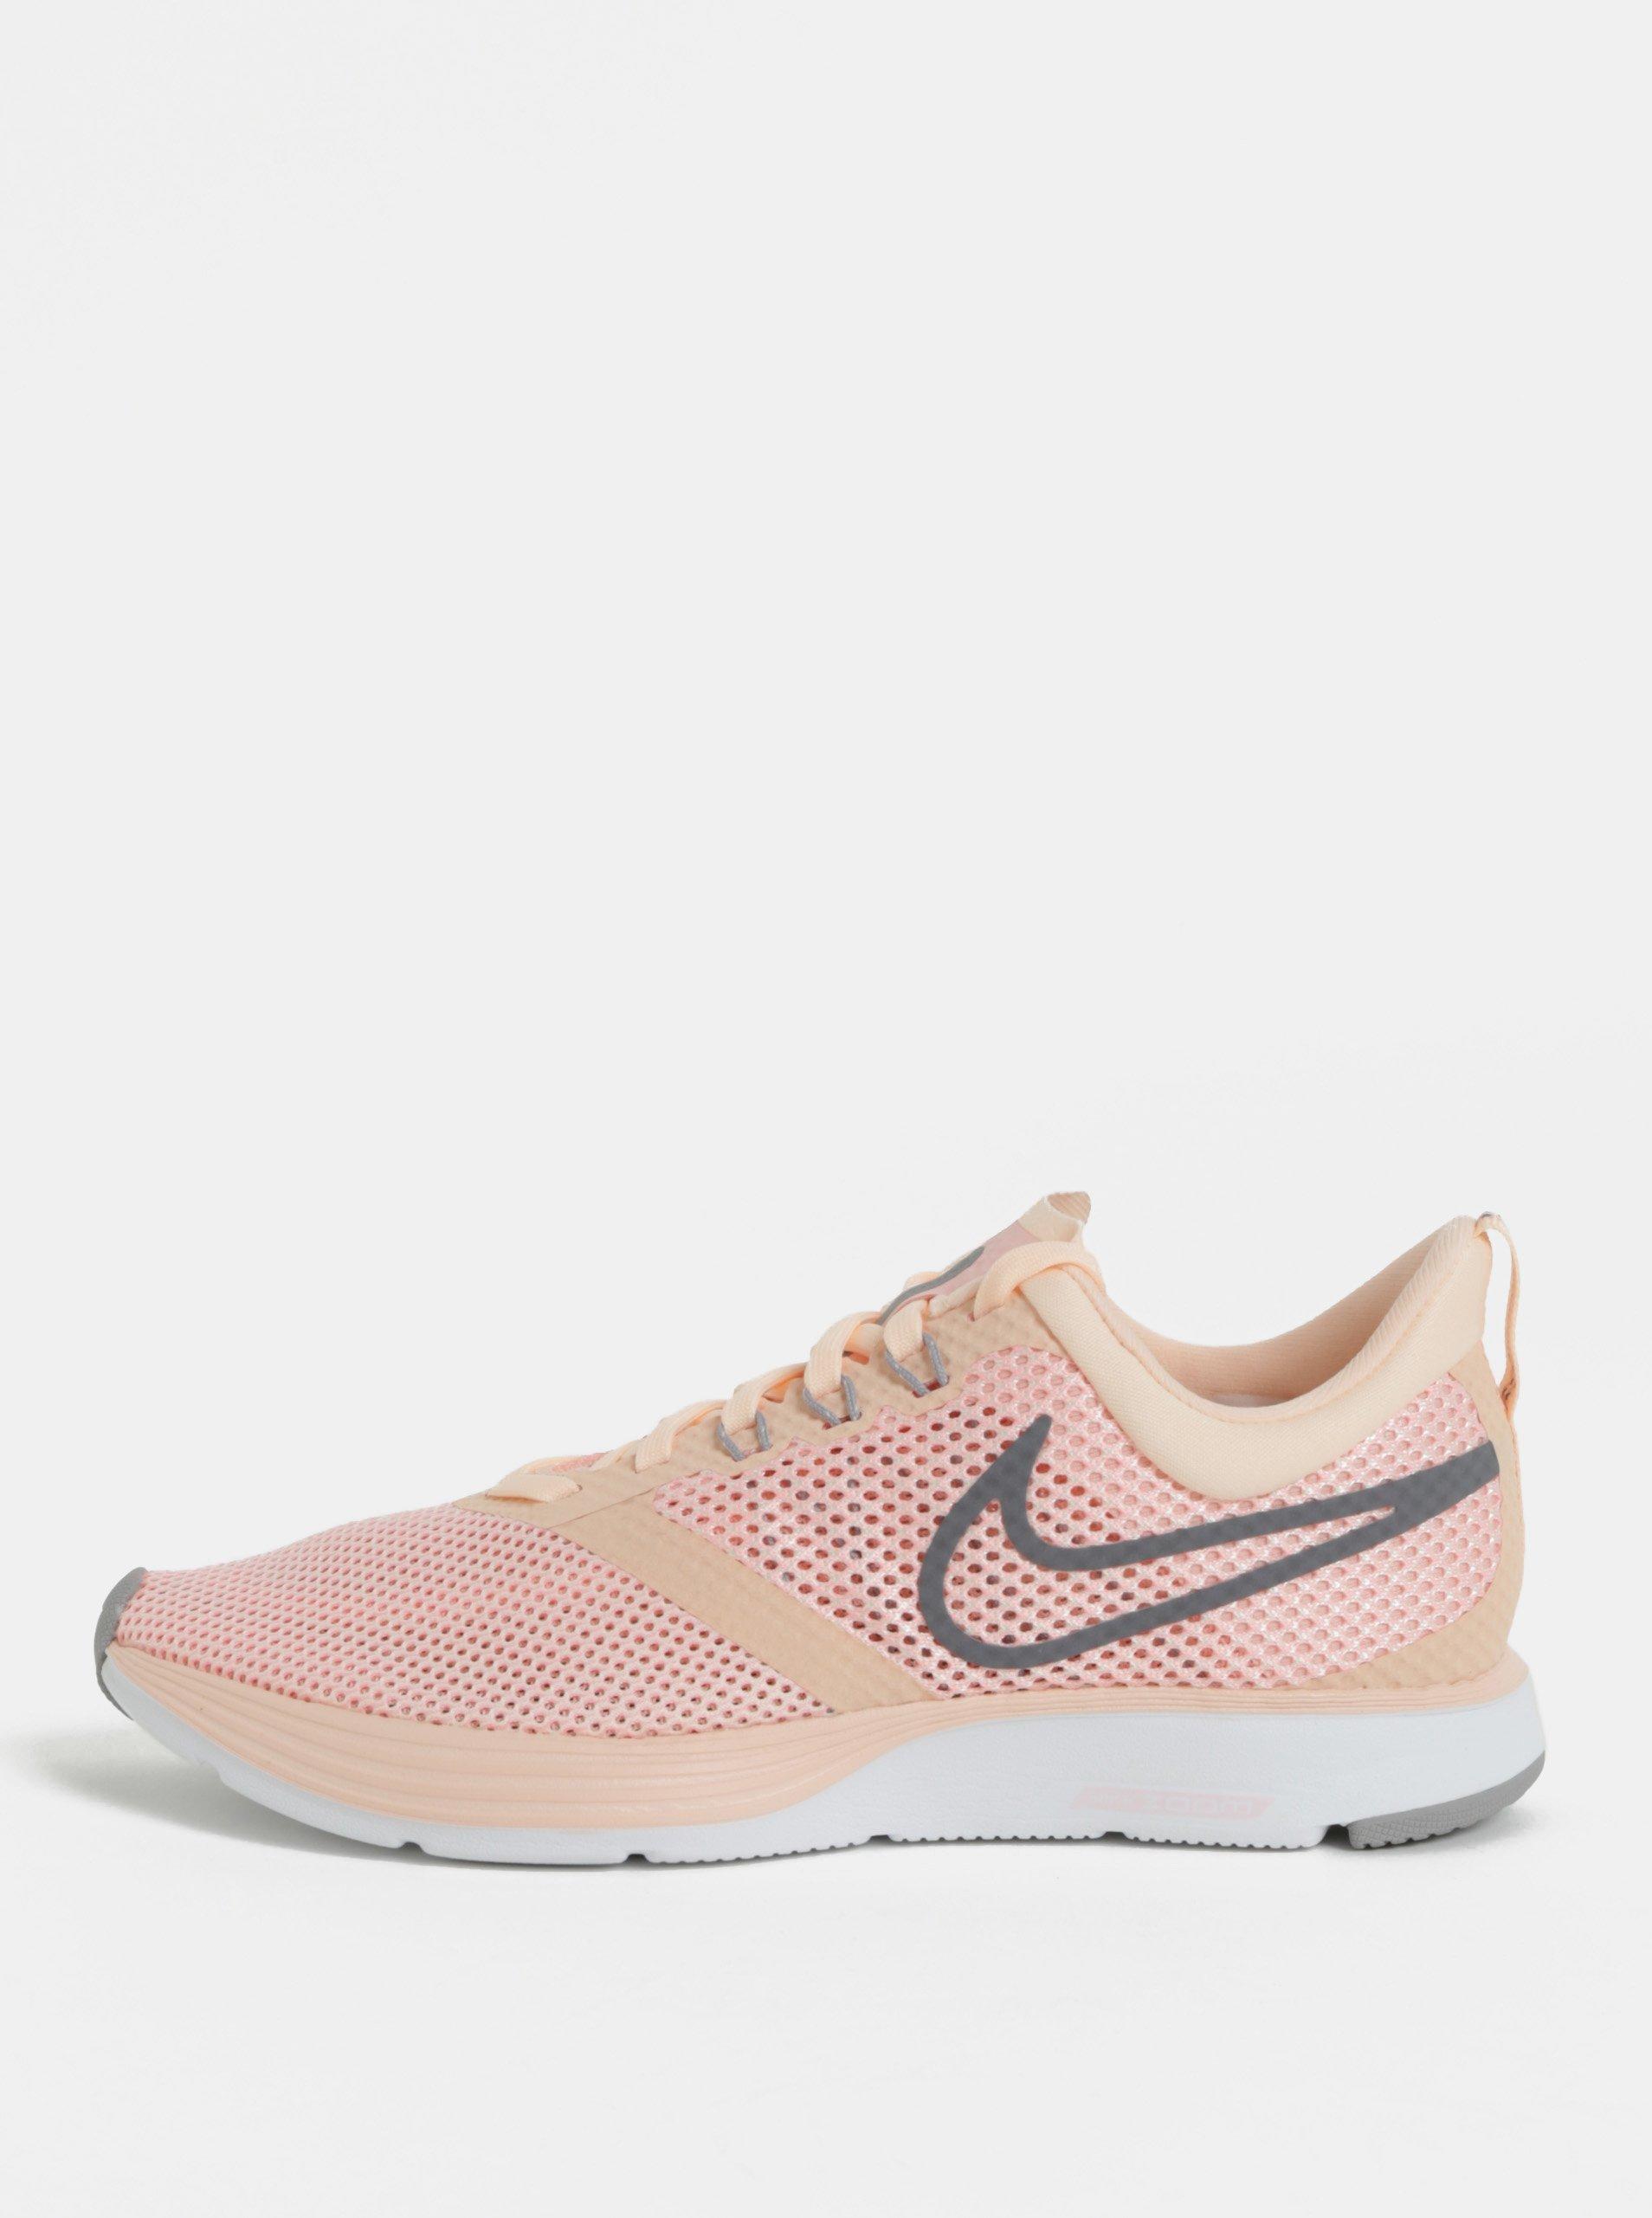 4482bfe1a4796 Ružové dámske tenisky Nike Zoom Strike